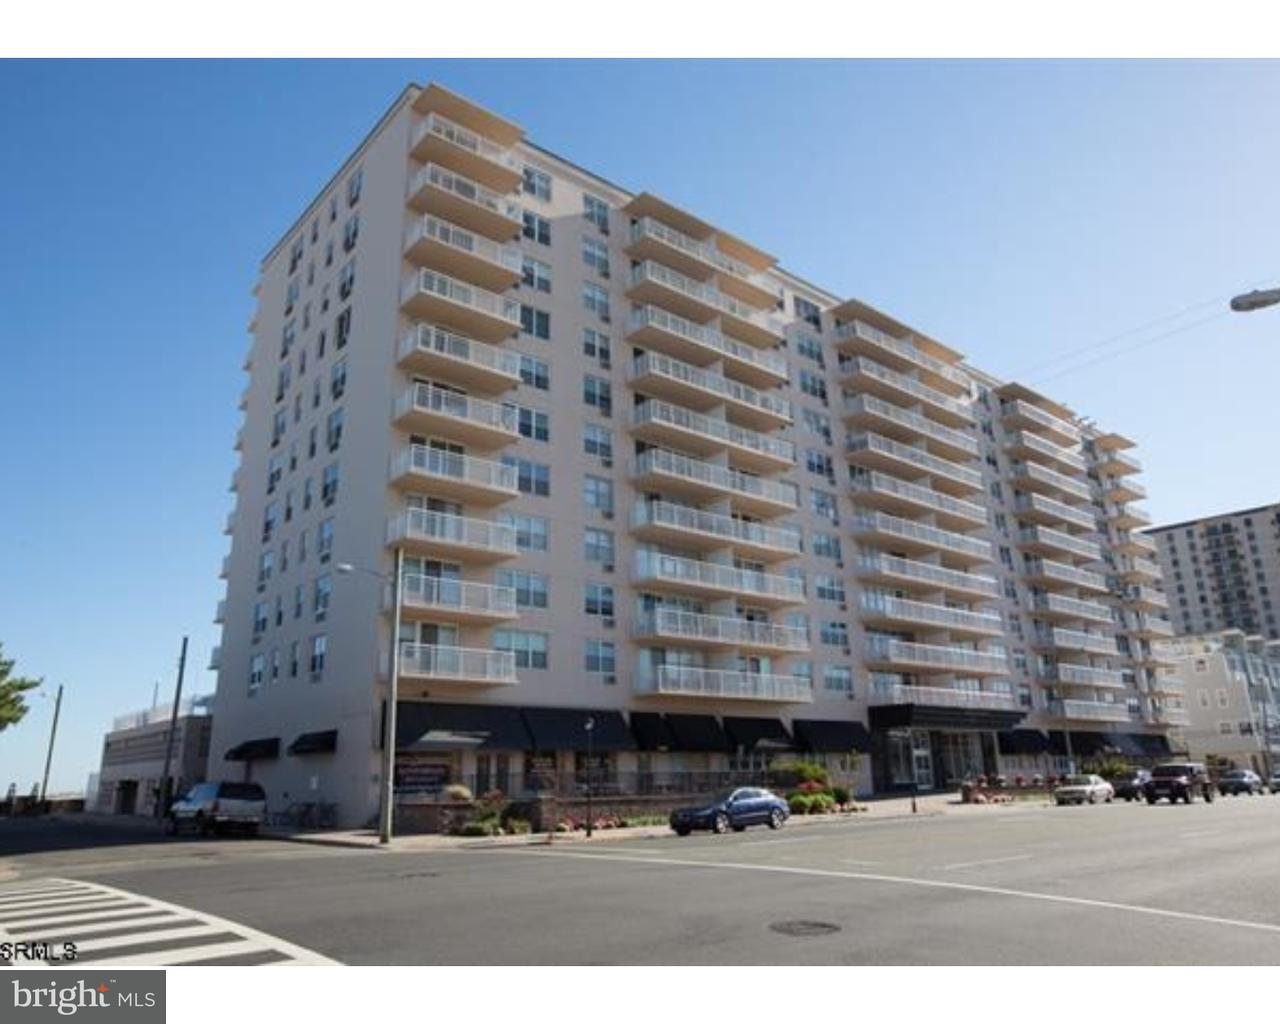 独户住宅 为 销售 在 9400 ATLANTIC AVE #308 马盖特城, 新泽西州 08402 美国